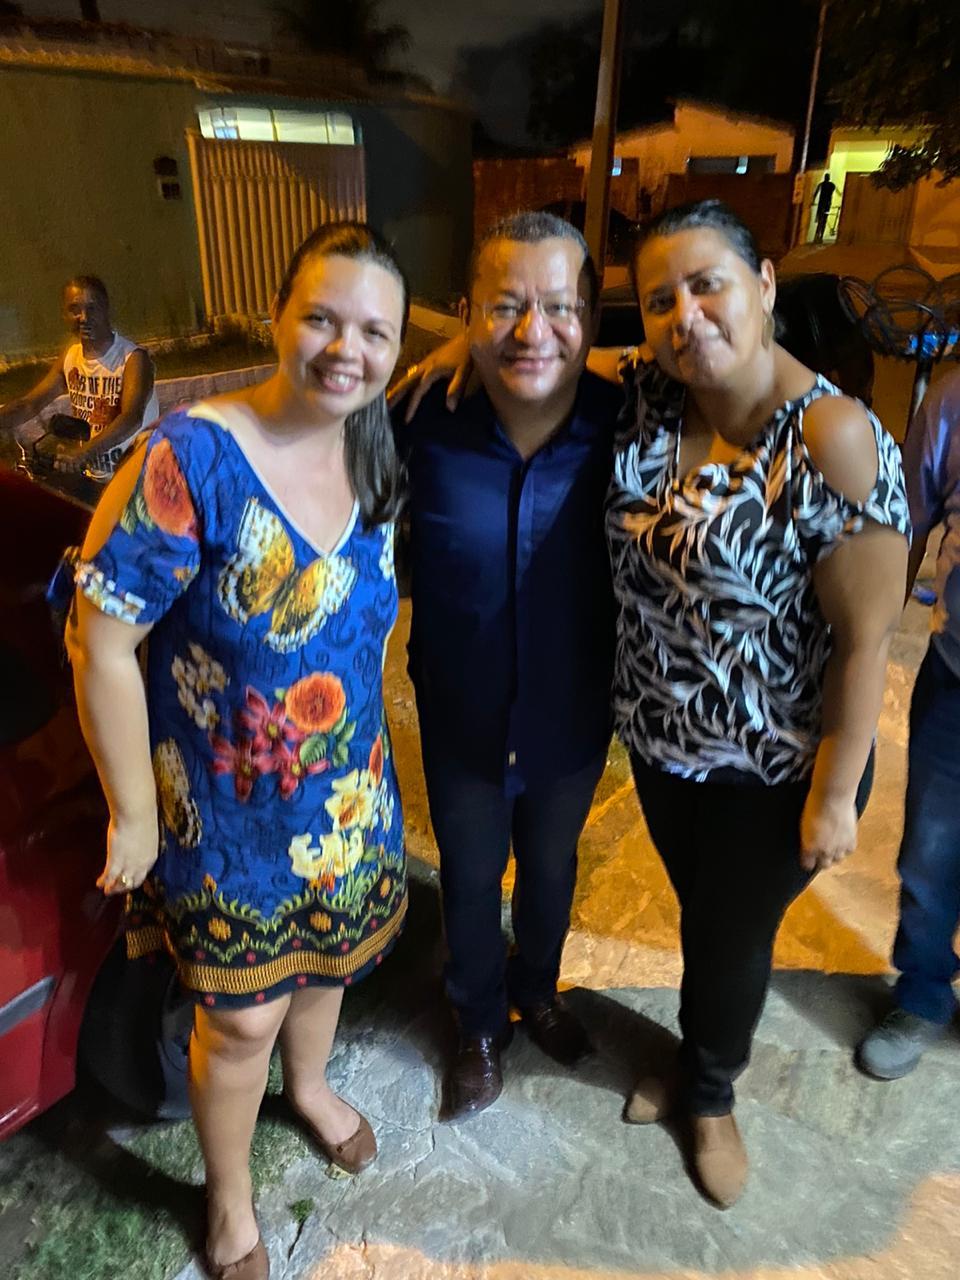 2c706b2e cb1a 4666 ba7f 8903bea4fa8b - De olho nas eleições: Nilvan Ferreira visita bairro do Valentina fortificando sua pré-campanha à prefeito da Capital